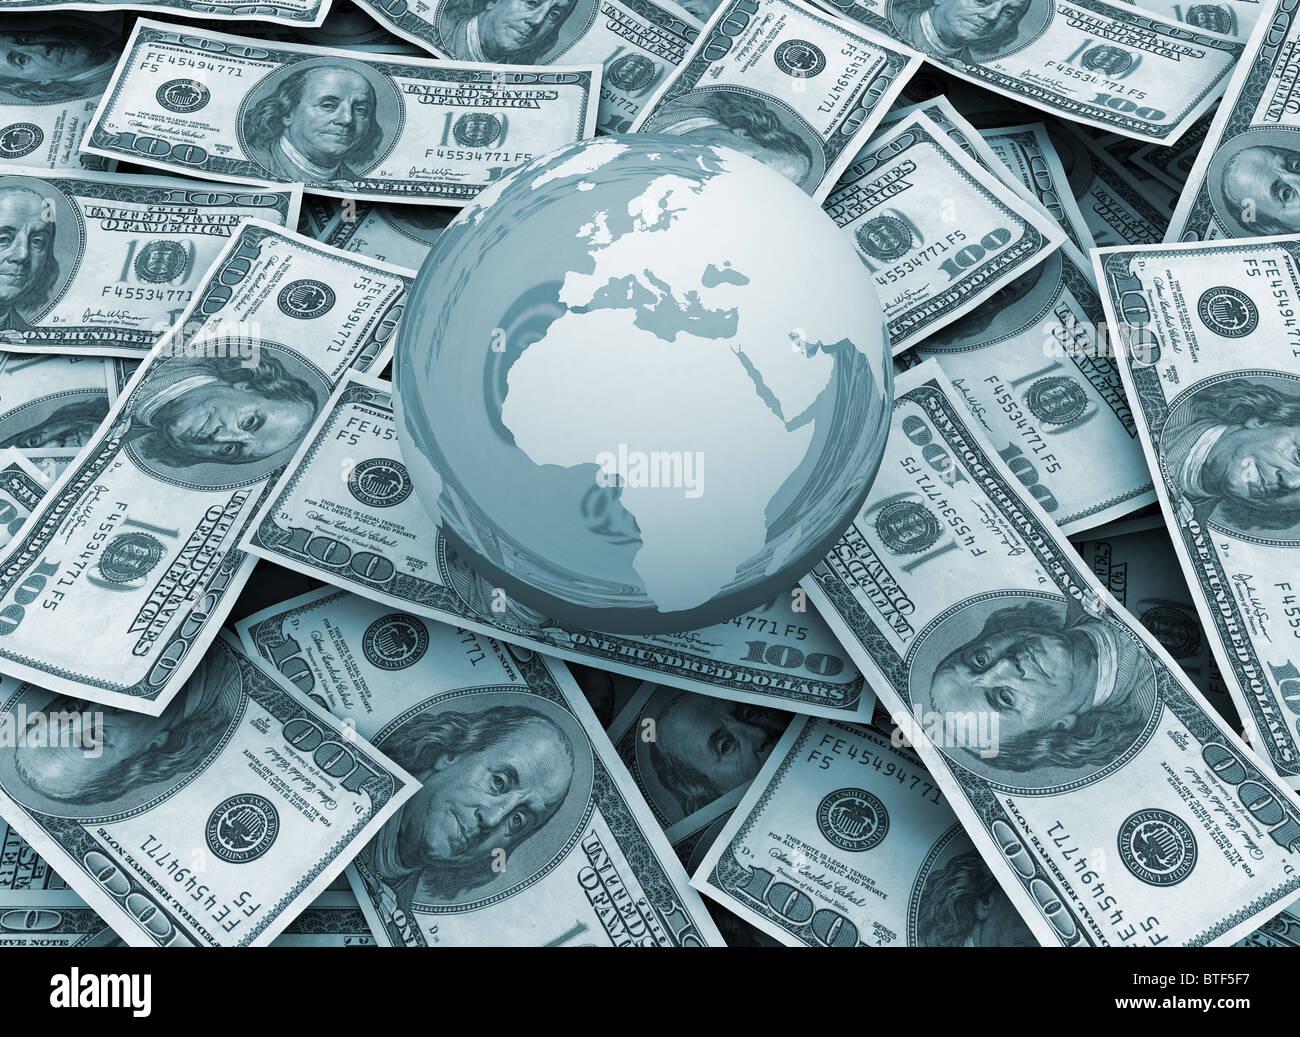 global economy Money background - Stock Image